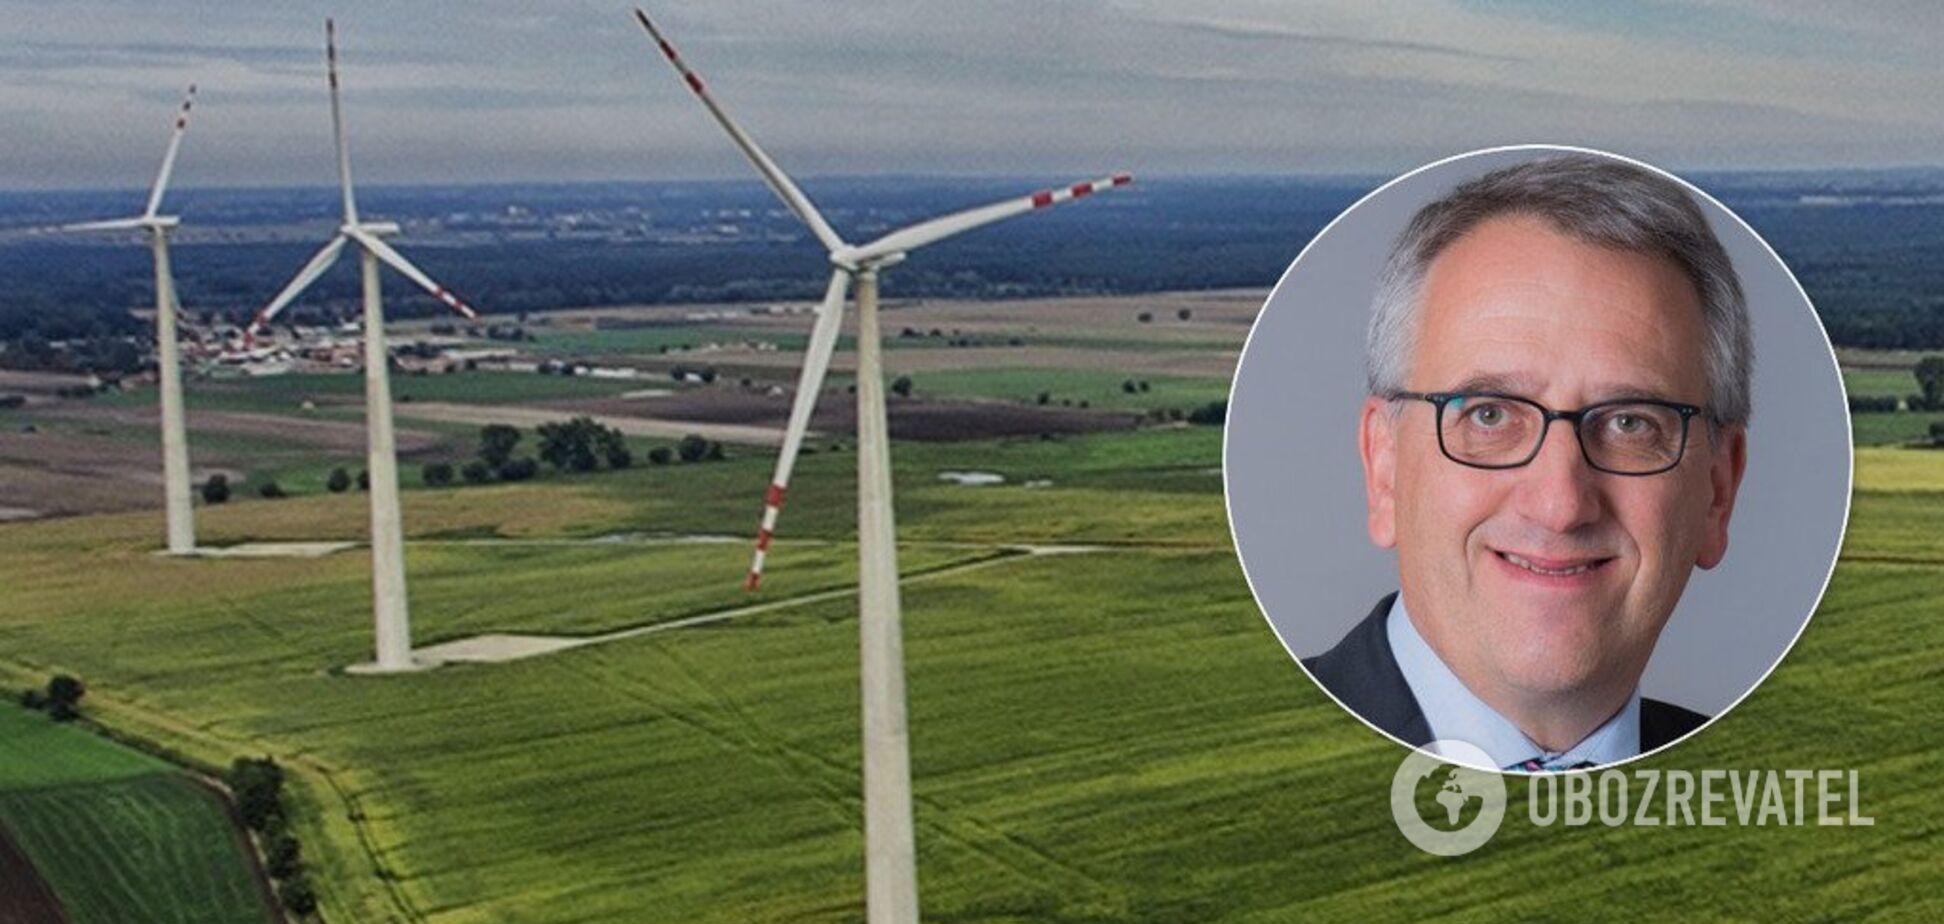 Европа озвучила Украине ультиматум по энергетике: что потребовали